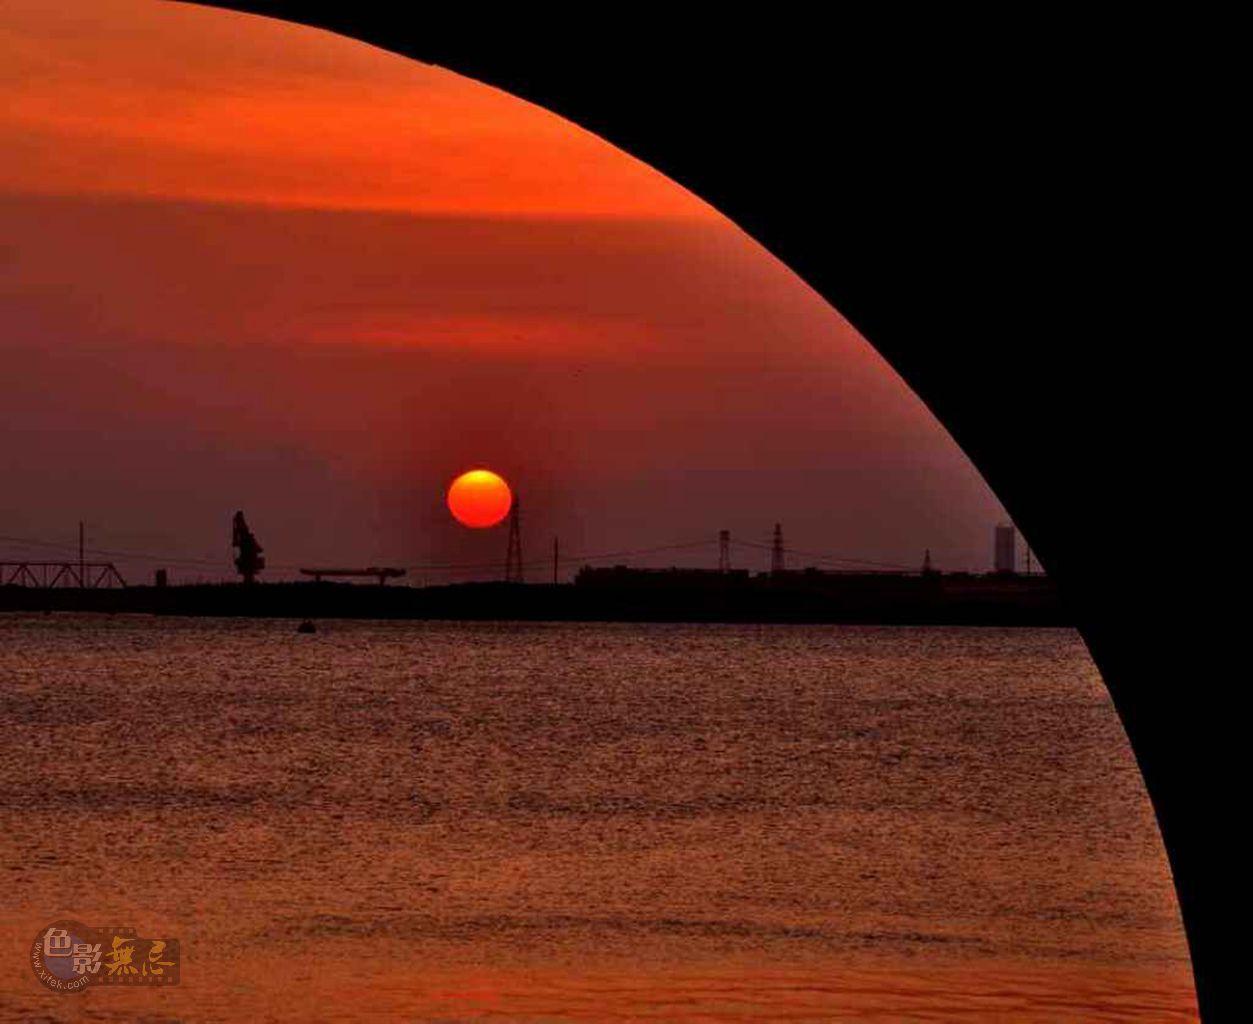 漂白烏雲作品:【橋。夕陽】